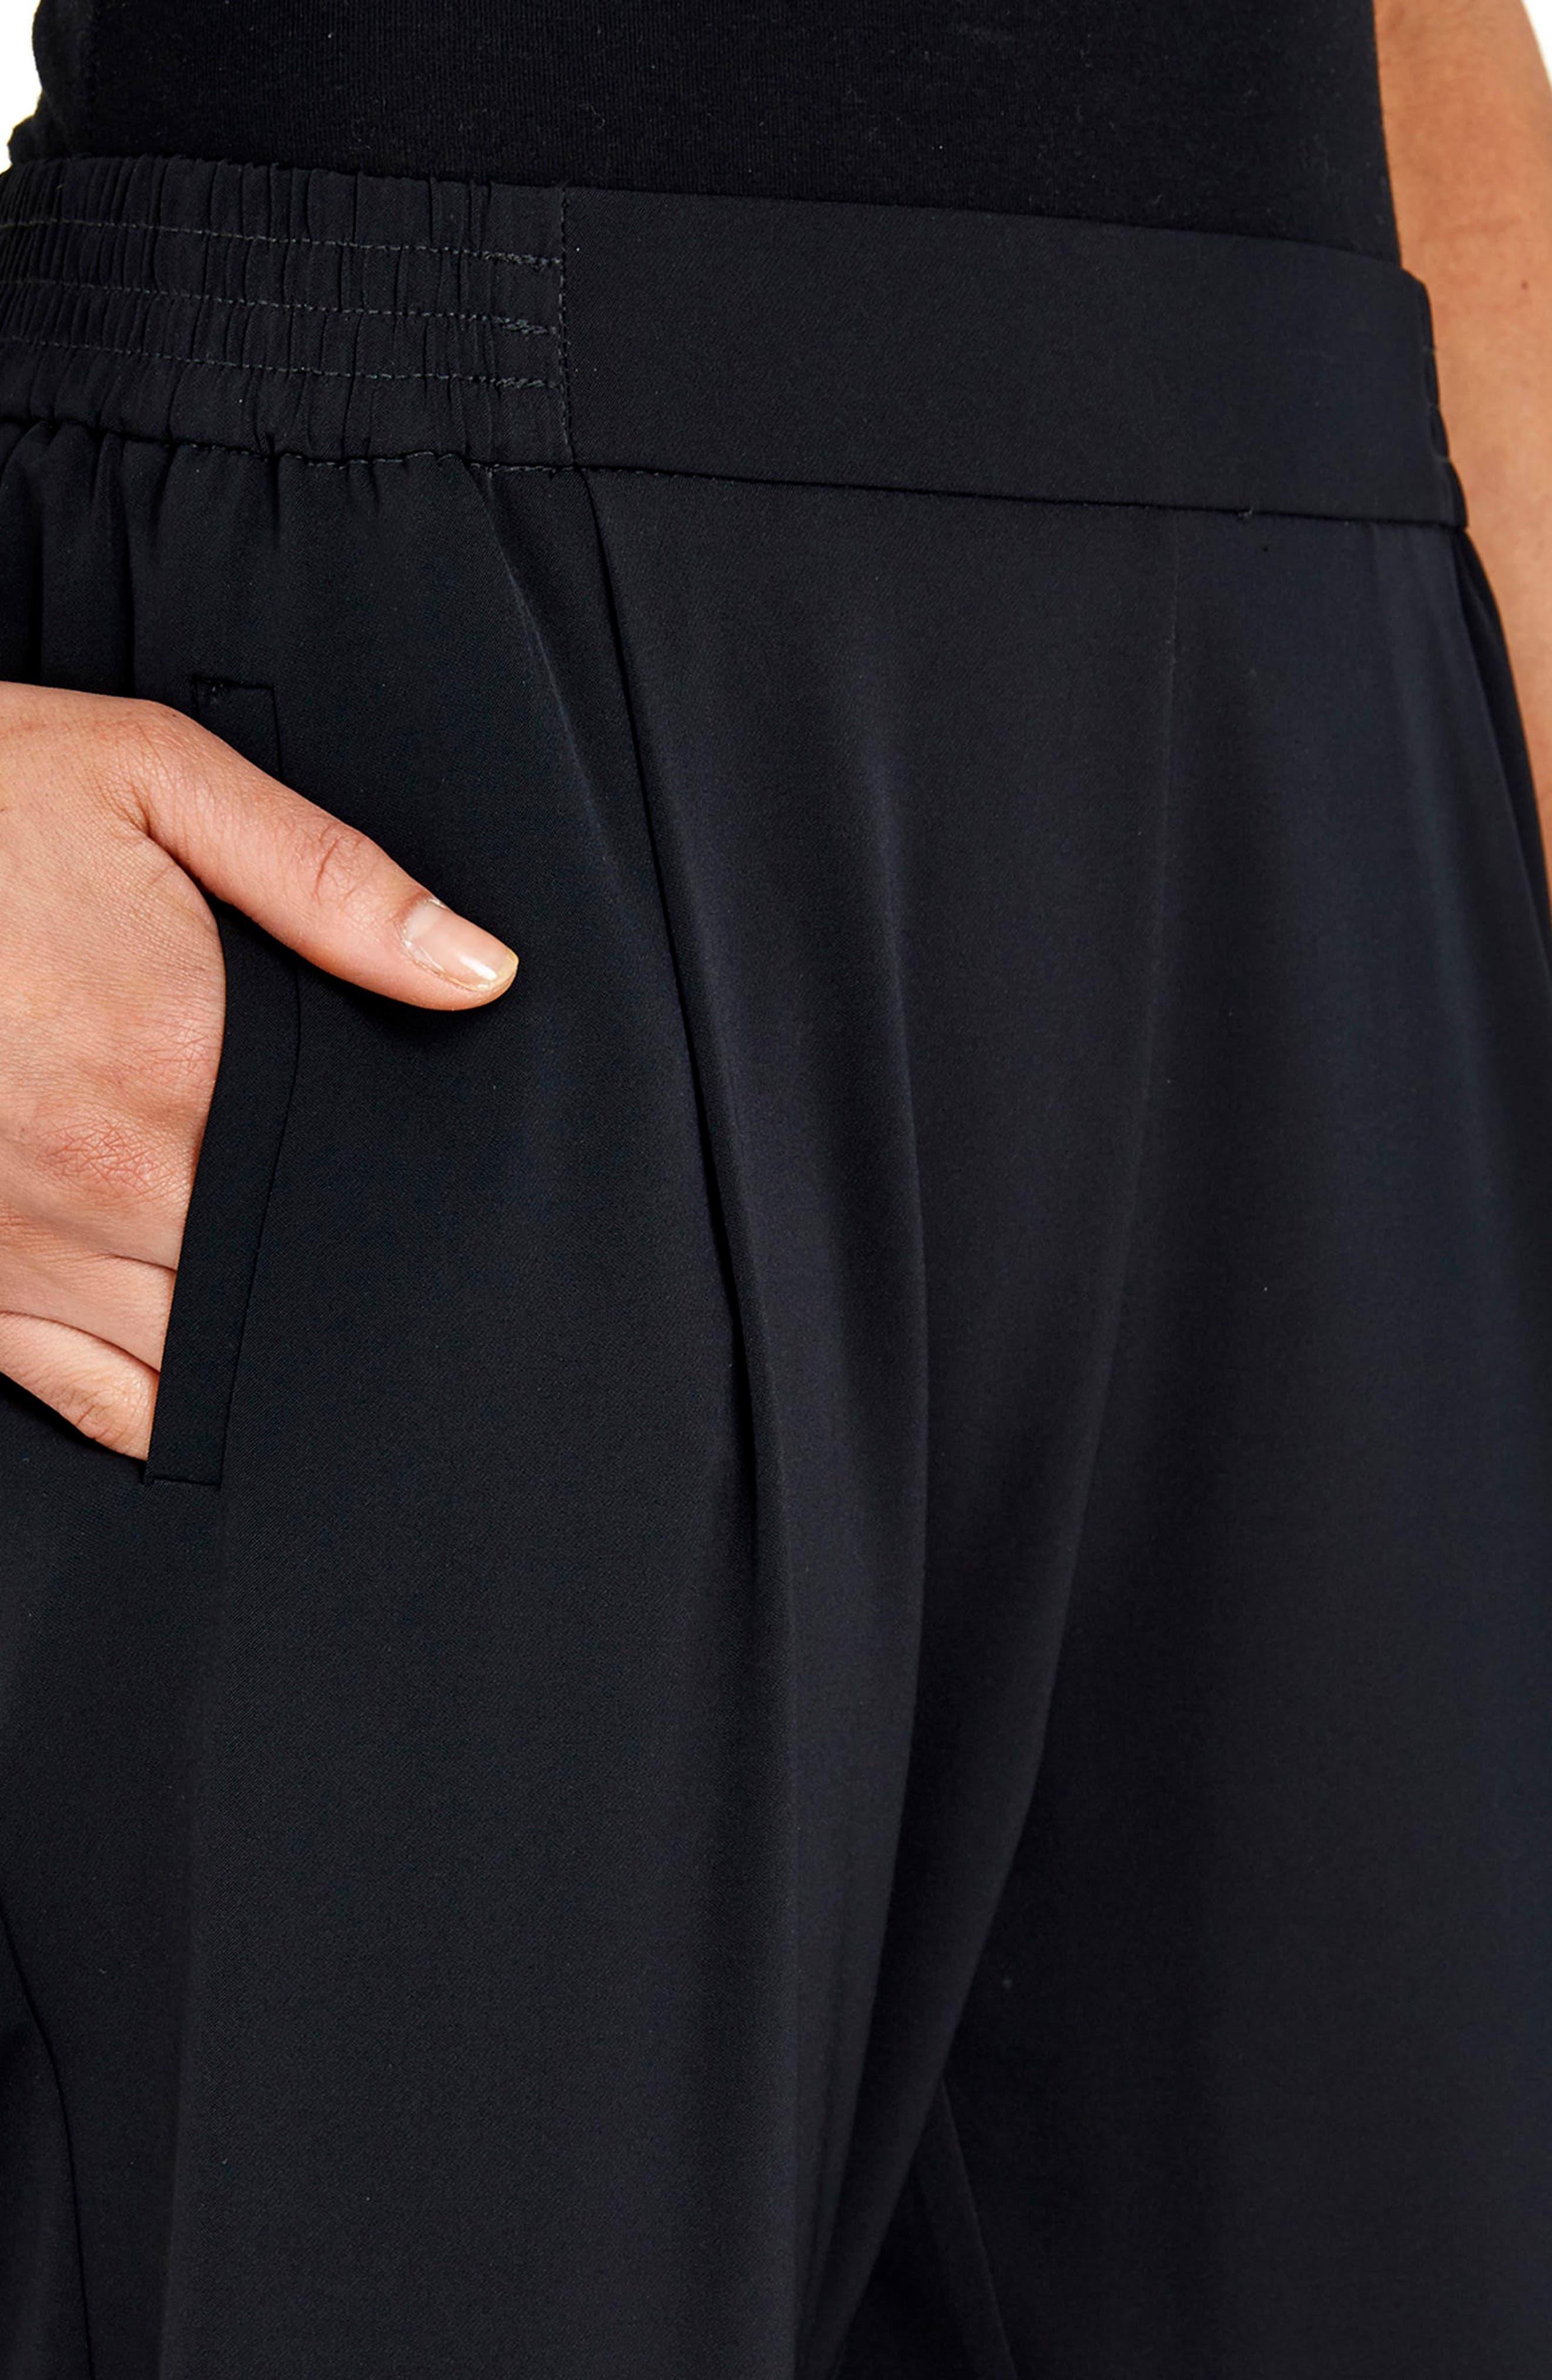 Pleat Front Pants,                             Alternate thumbnail 2, color,                             001